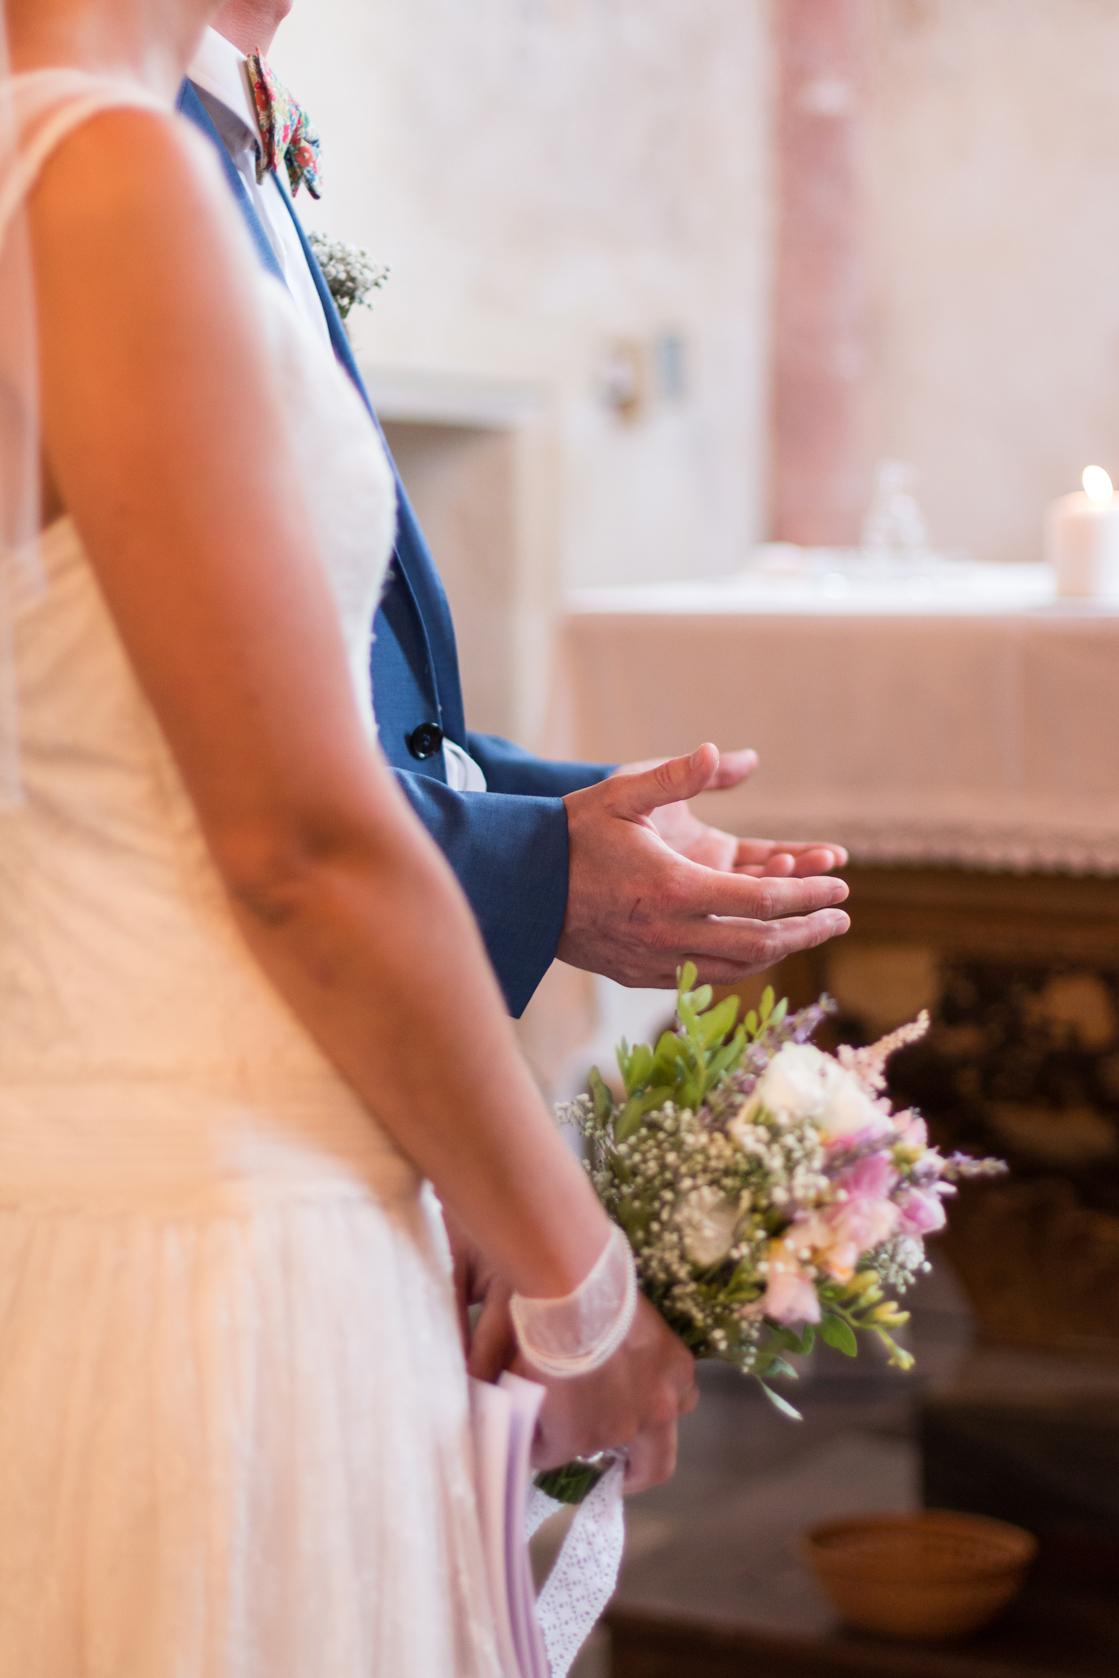 Le mariage religieux, champêtre et festif de Léopoldine (13)